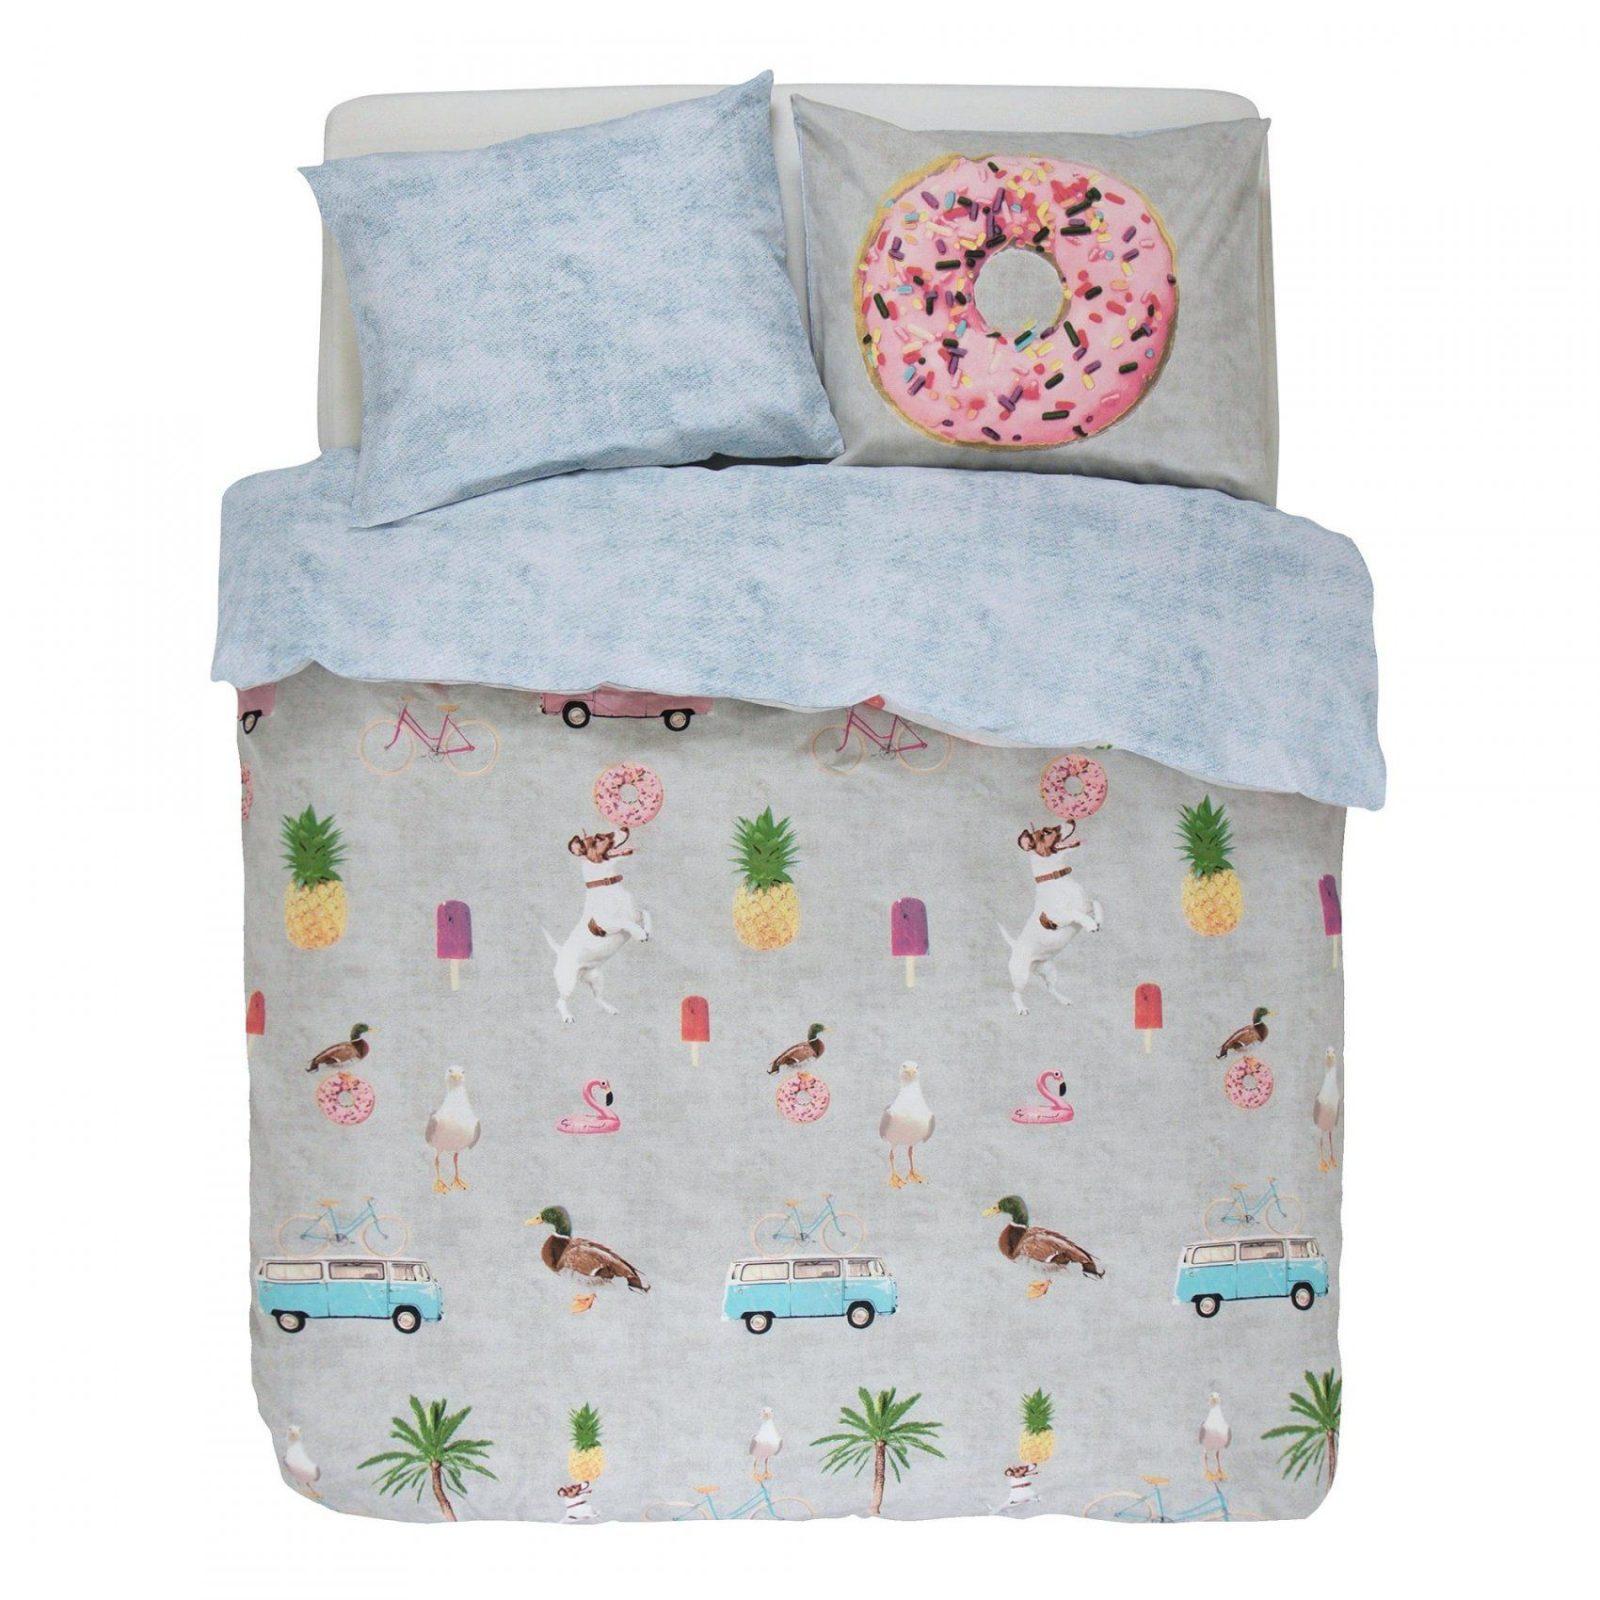 Bettwasche Bedrucken Lassen Bettwasche Bettwasche Bedrucken Beispiel von Bettwäsche Bedrucken Lassen Text Photo